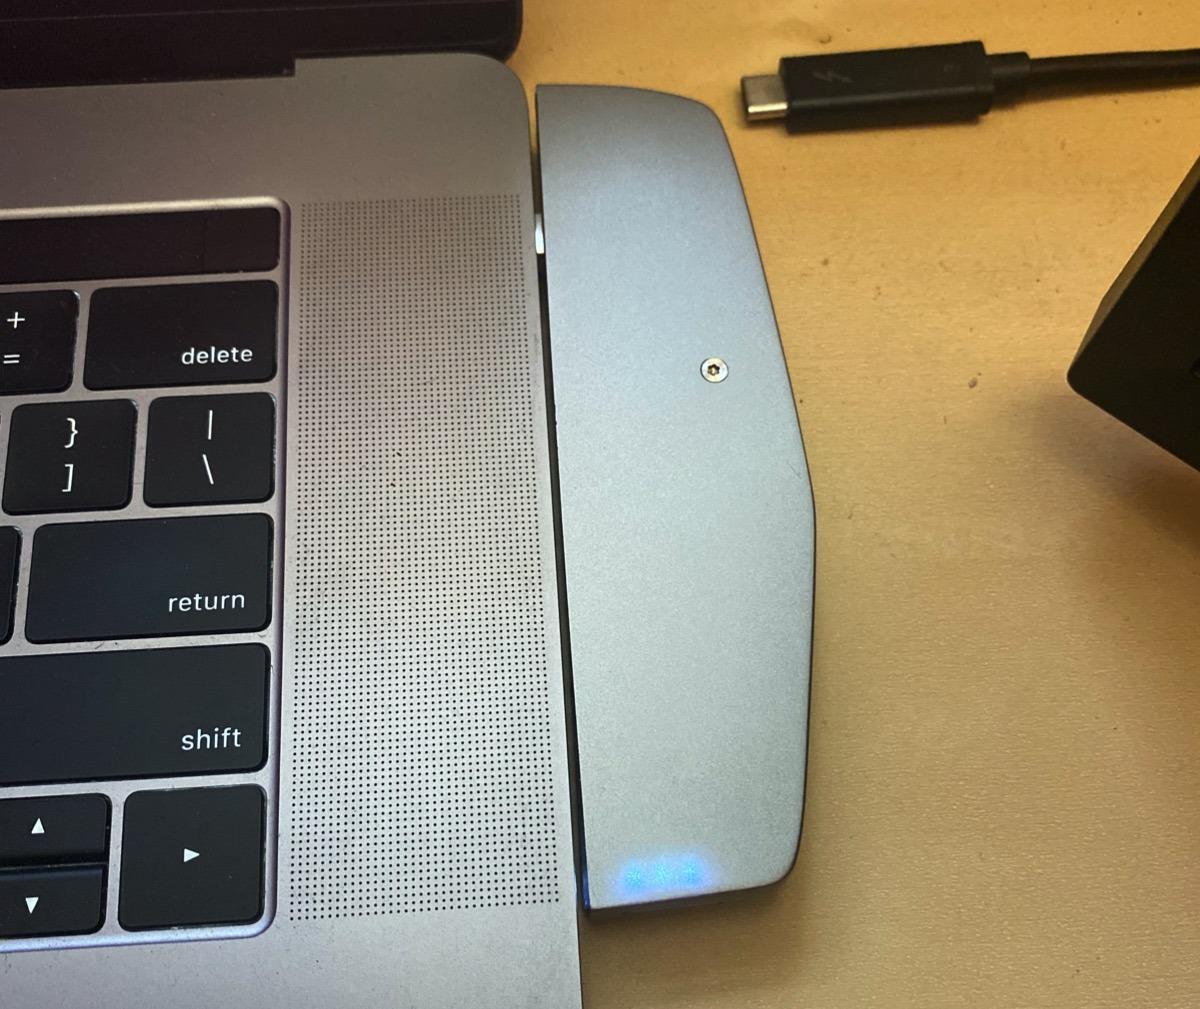 HybridDrive conectado al lado derecho del MacBook Pro: observe el tornillo